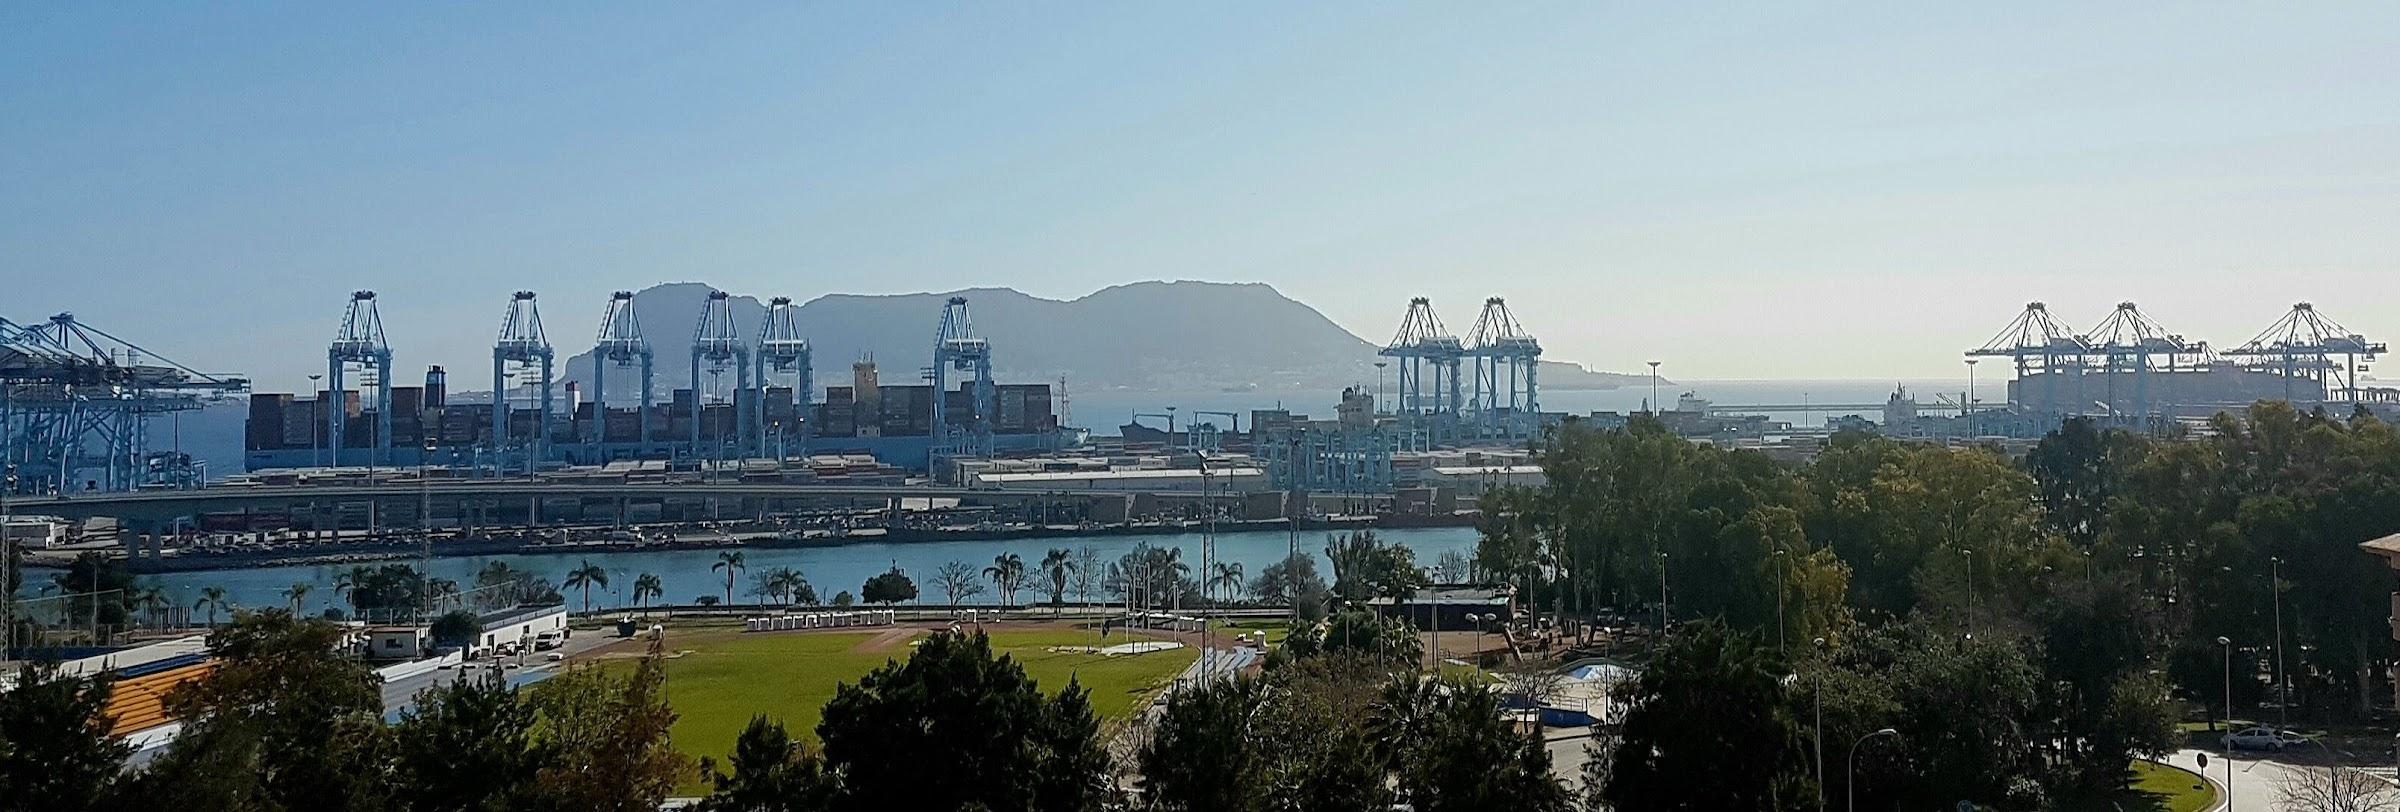 El Puerto de Algeciras opera simultáneamente dos megaships de más de 20.000 Teus